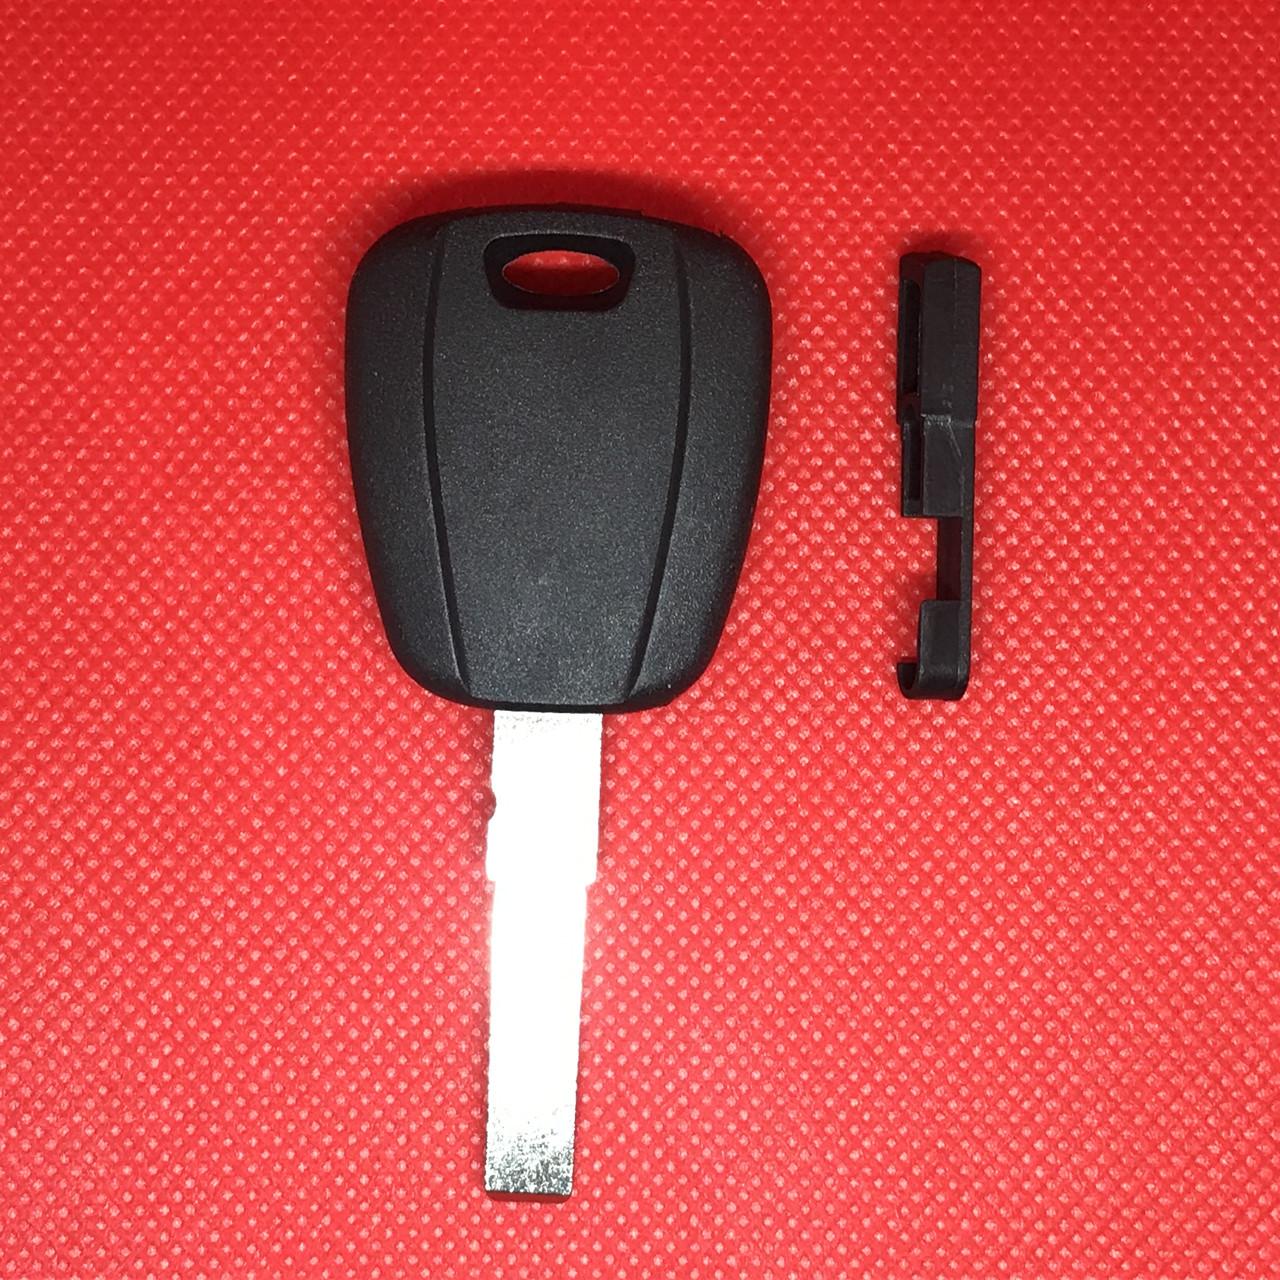 Корпус авто ключа под чип для Fiat (Фиат) с лезвием SIP22 черный